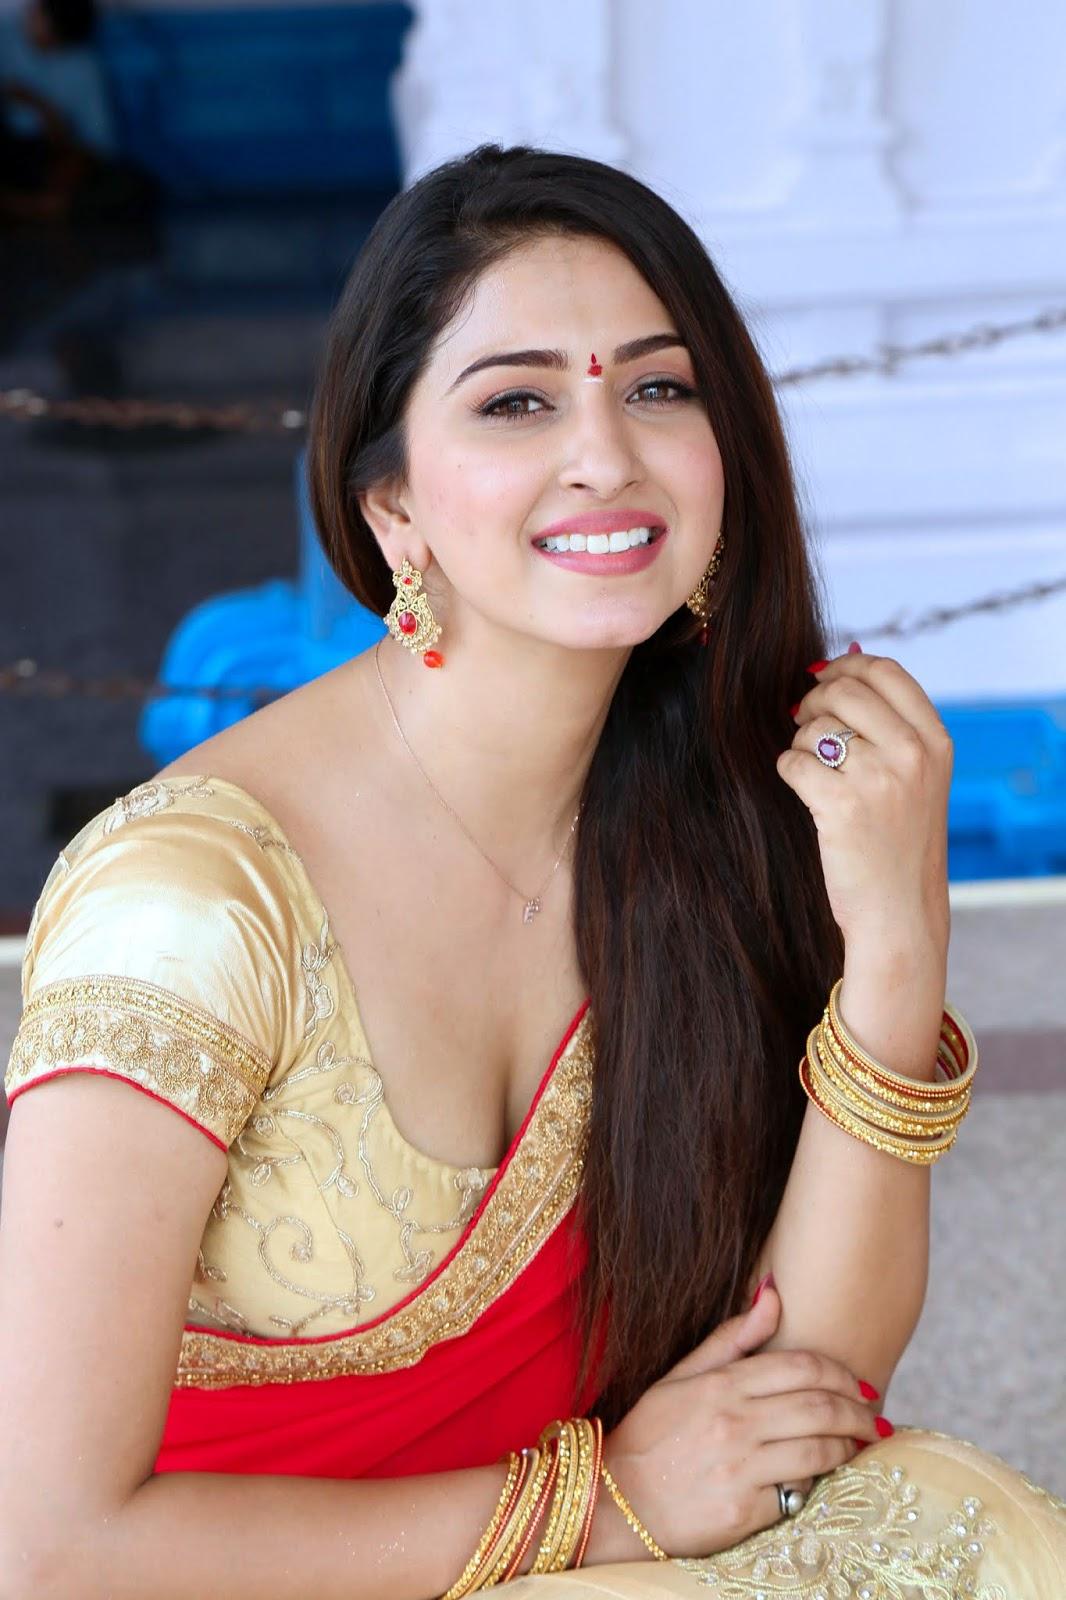 Eshanya Maheswari Super Cute Desi Saree Look